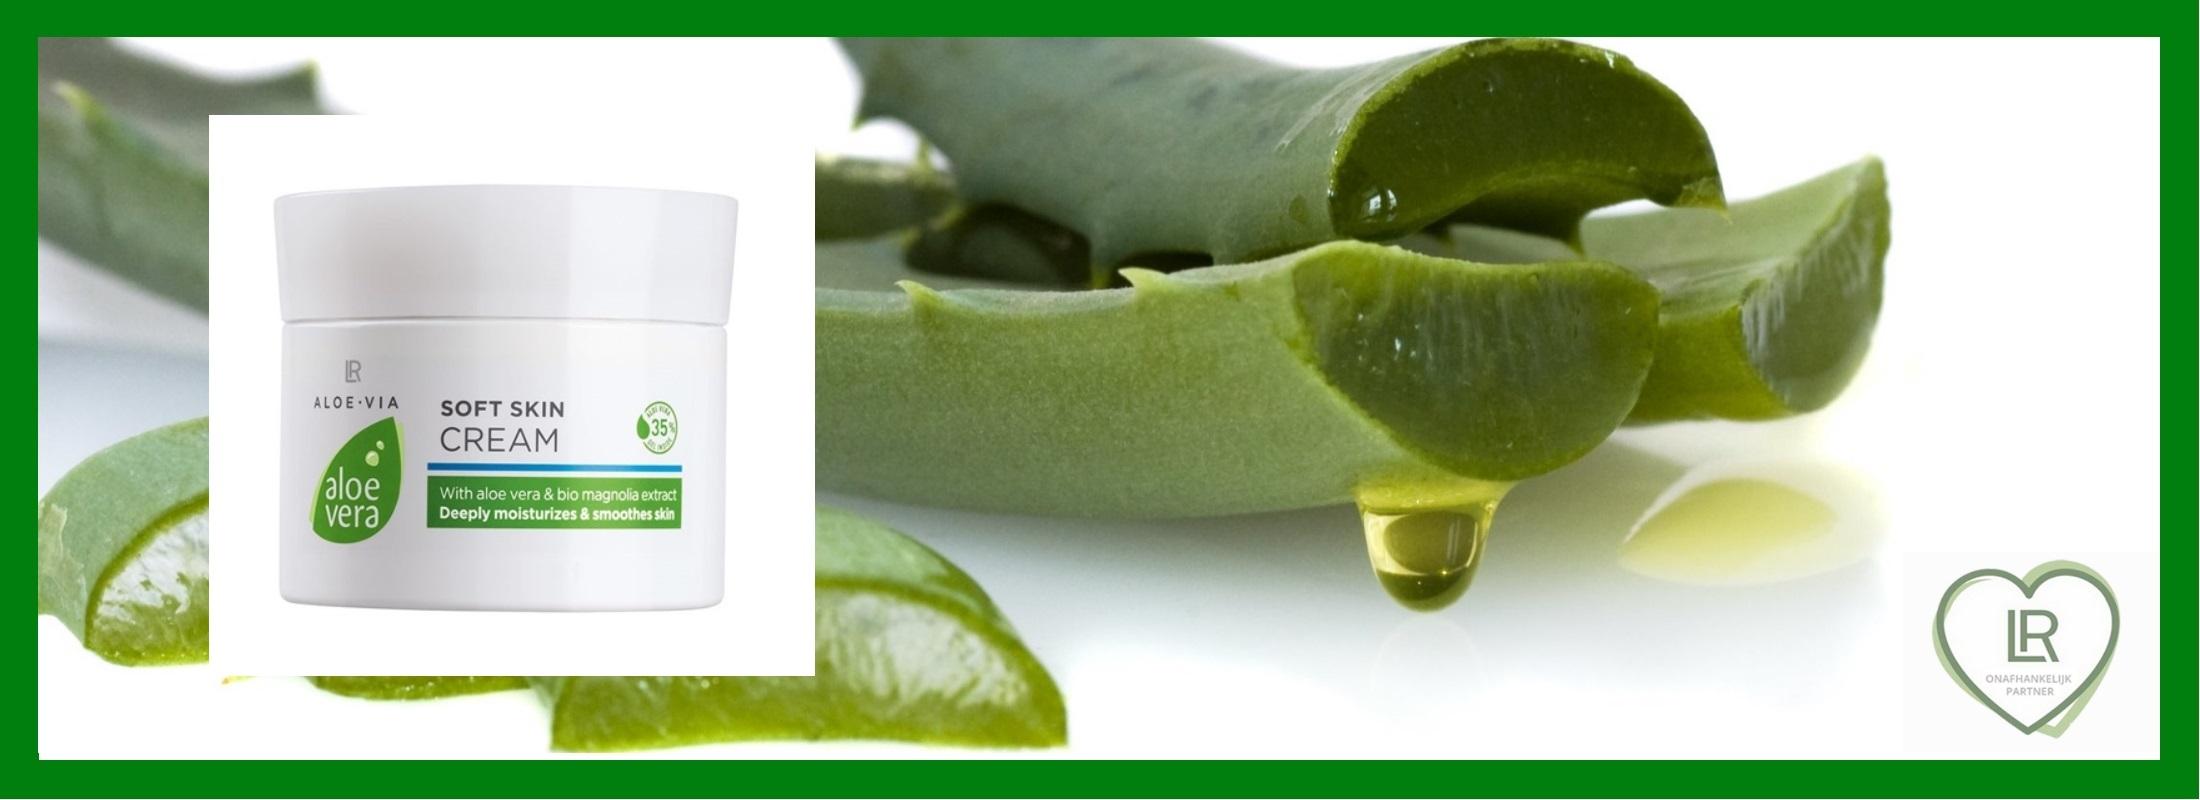 Aloe vera soft skin